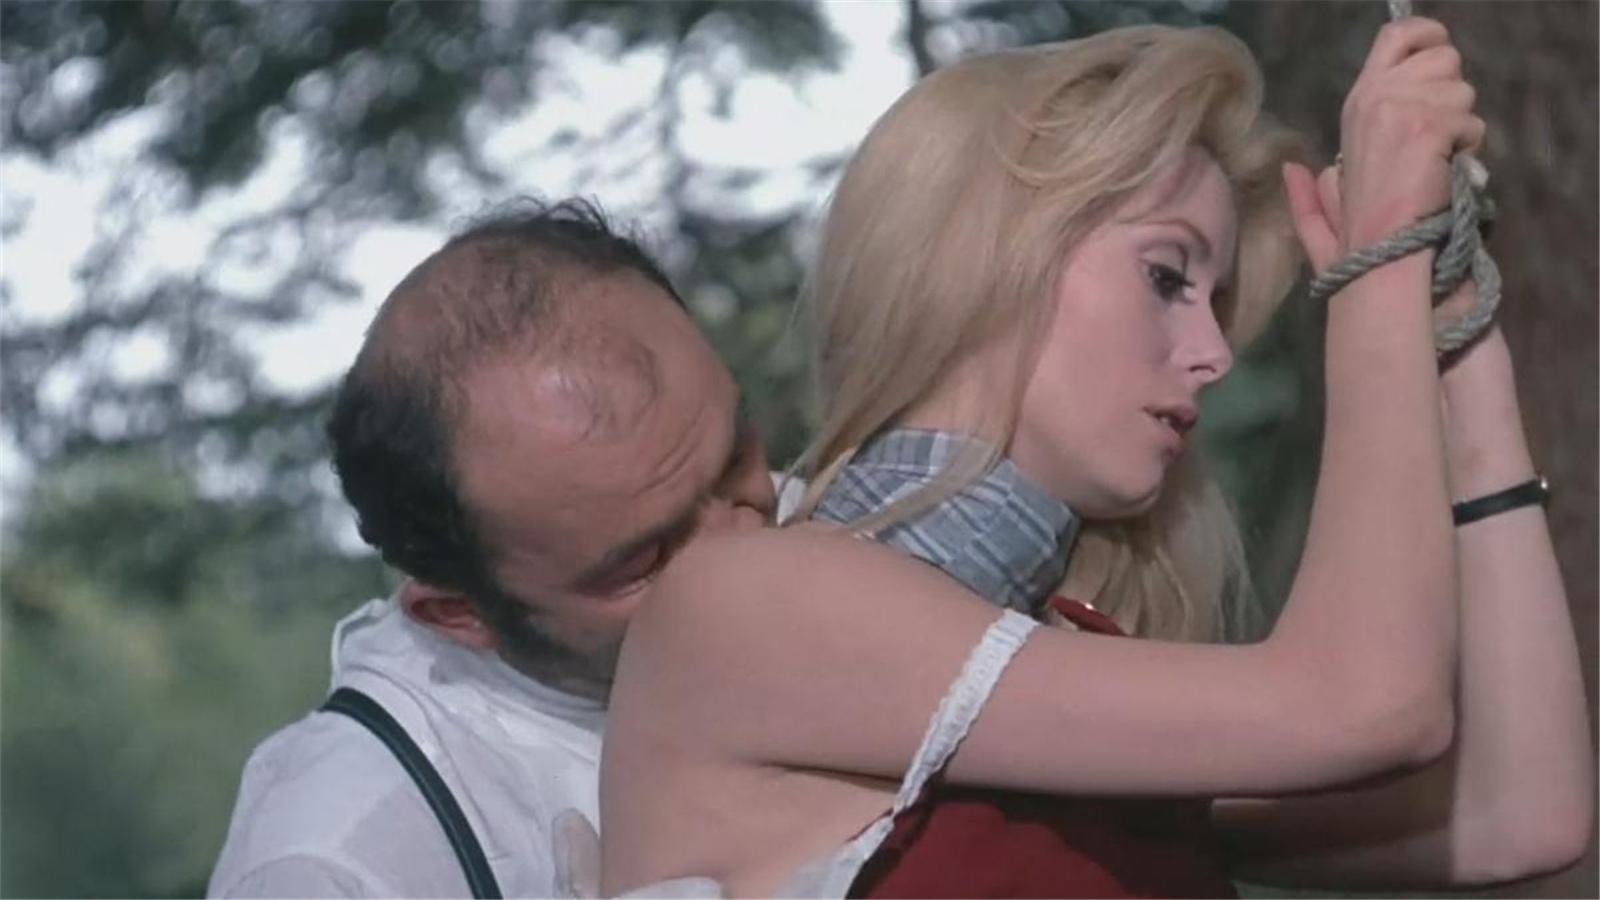 #经典看电影# 丈夫玉树临风却力不从心,妻子如狼似虎,只好暗地里做了这职业